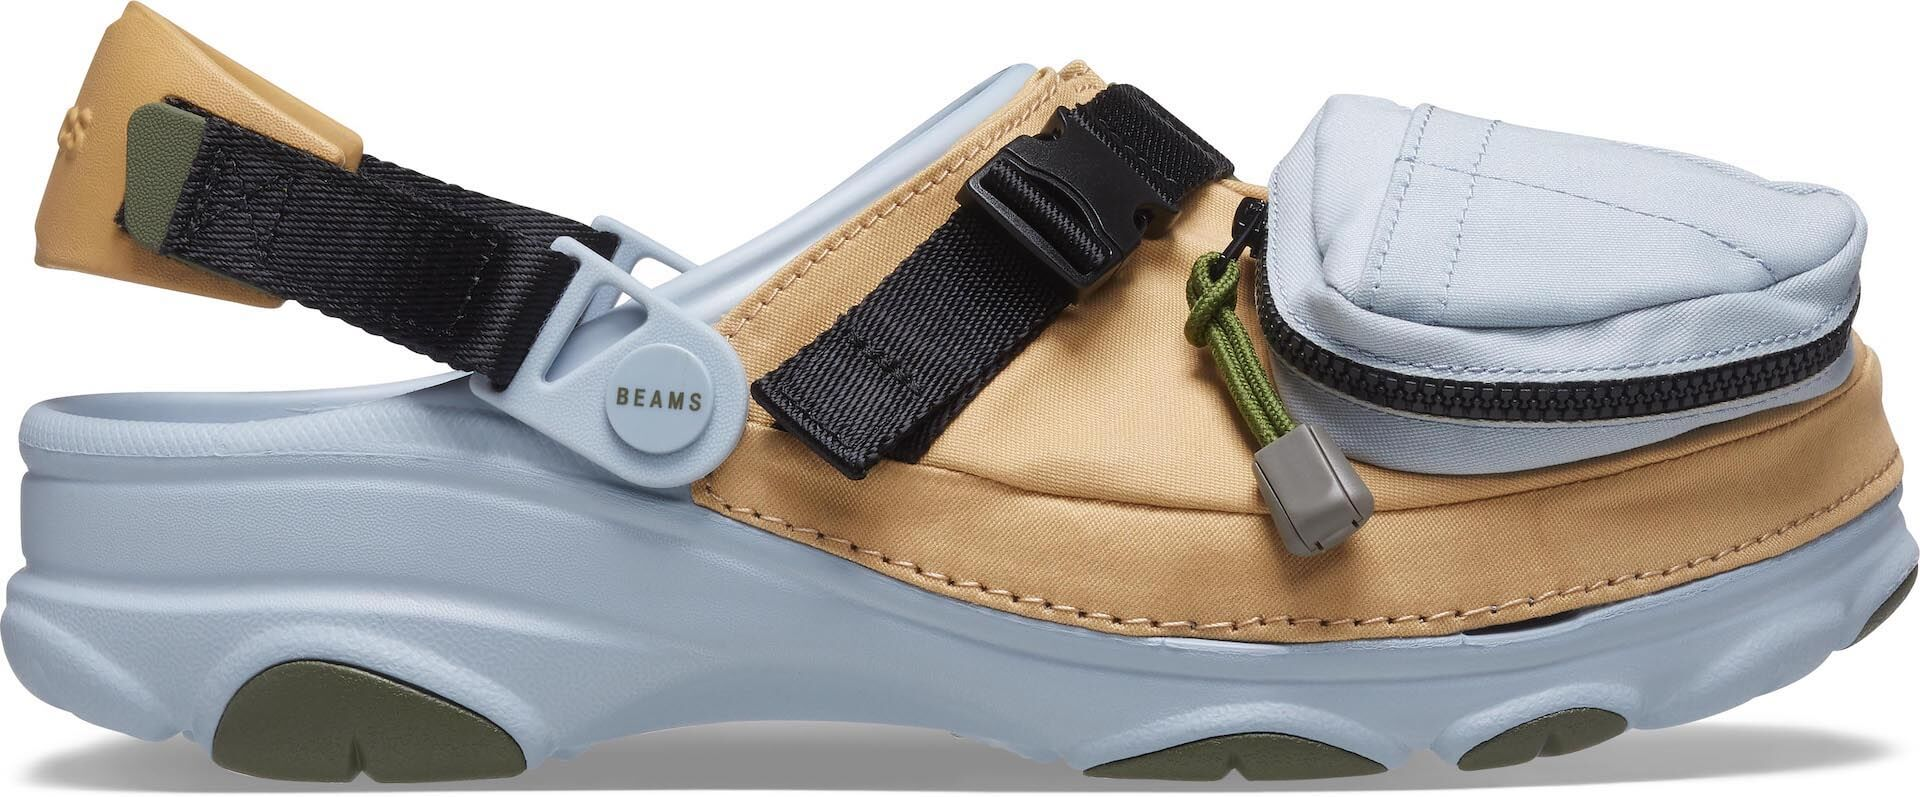 即完売で話題のCrocsとBEAMSのコラボ第4弾が実現!モデルにDaichi Yamamotoを起用 life210609_crocs_beams_4